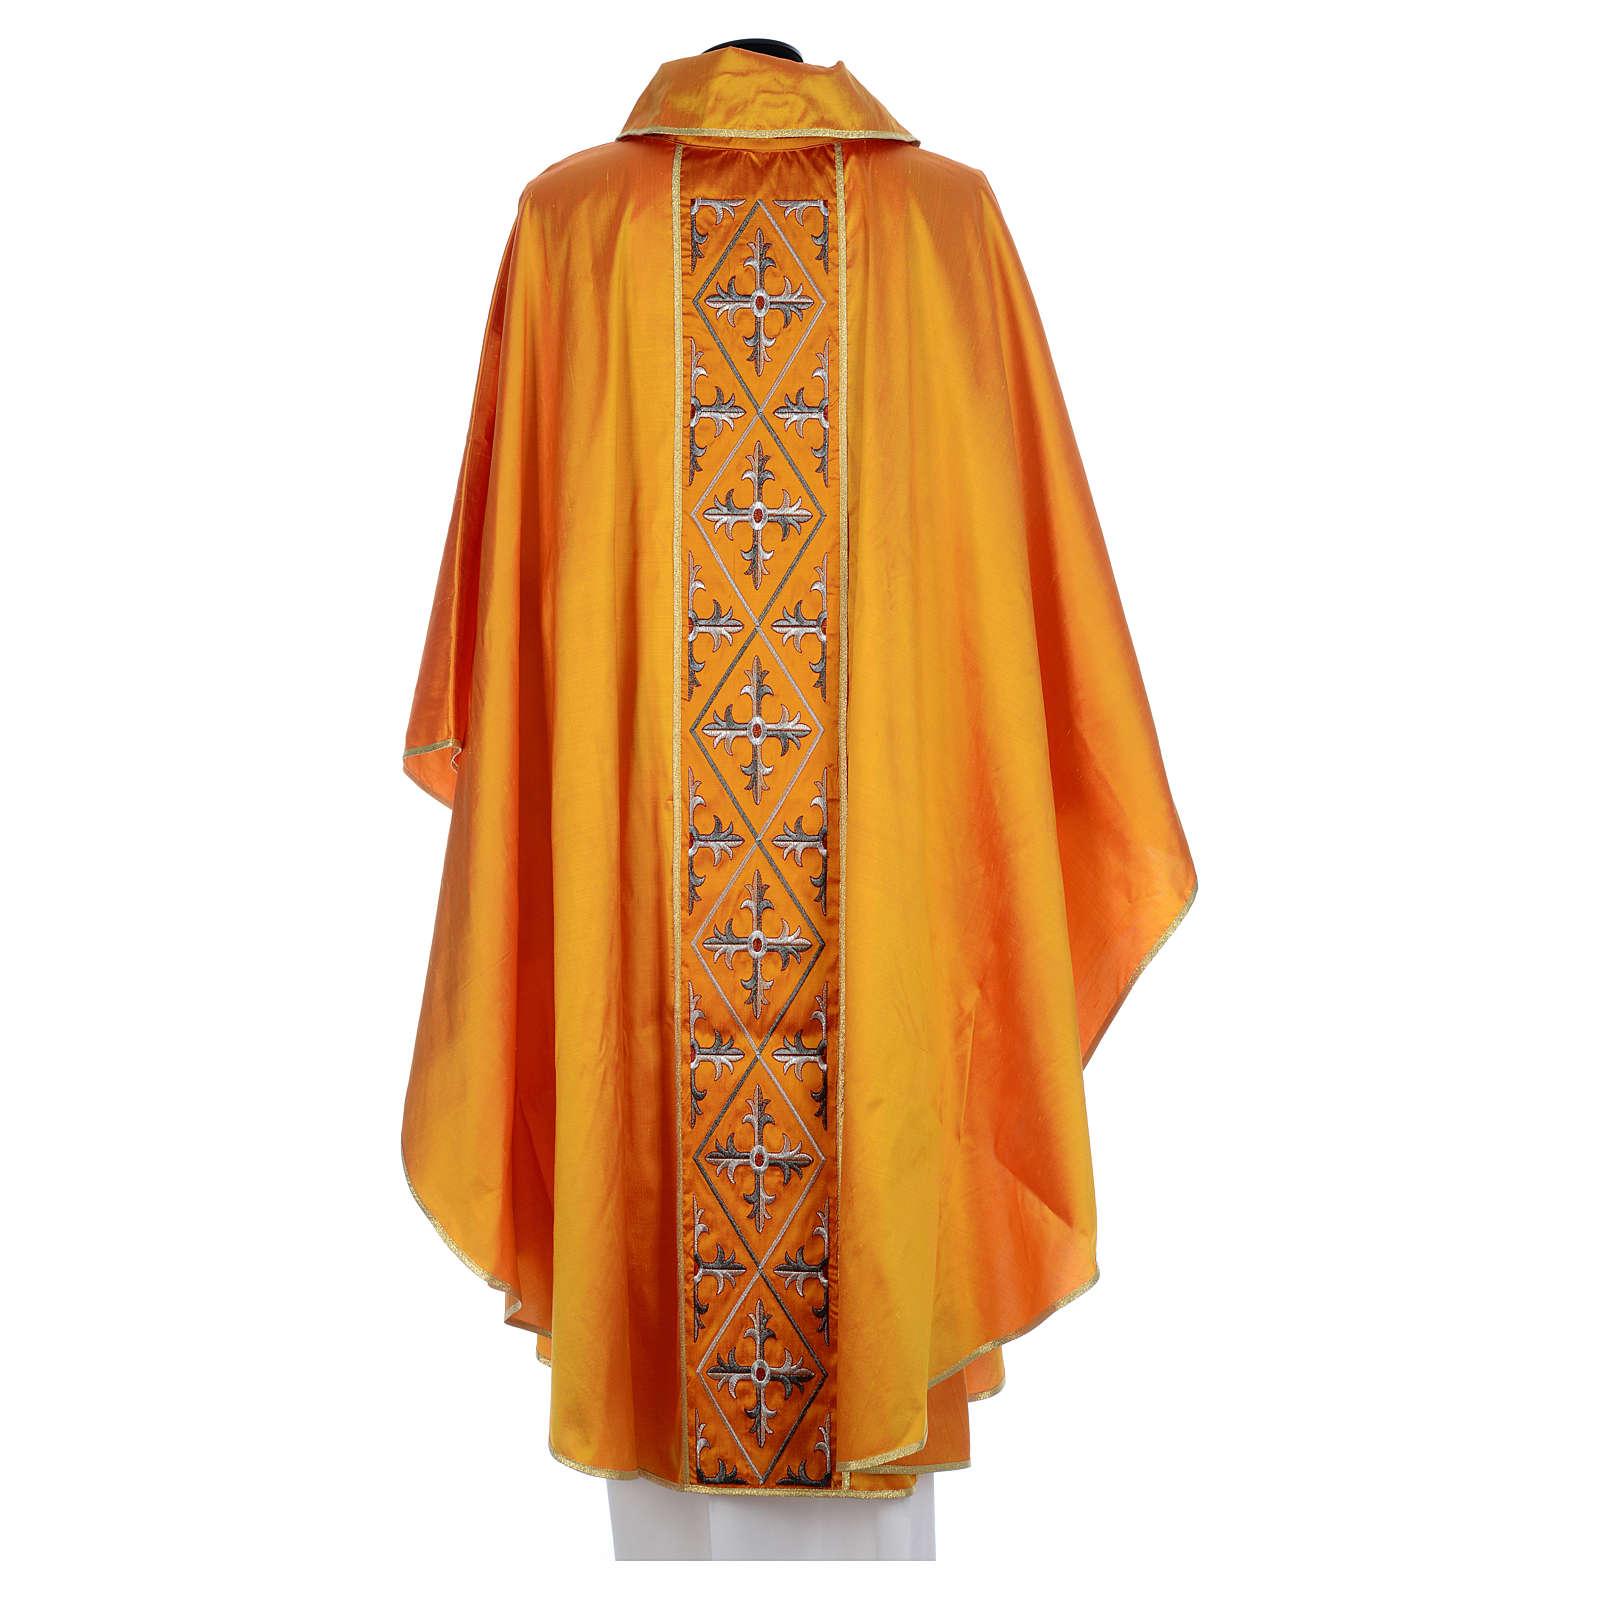 Casula sacerdotale seta oro 100% ricamo croce 4